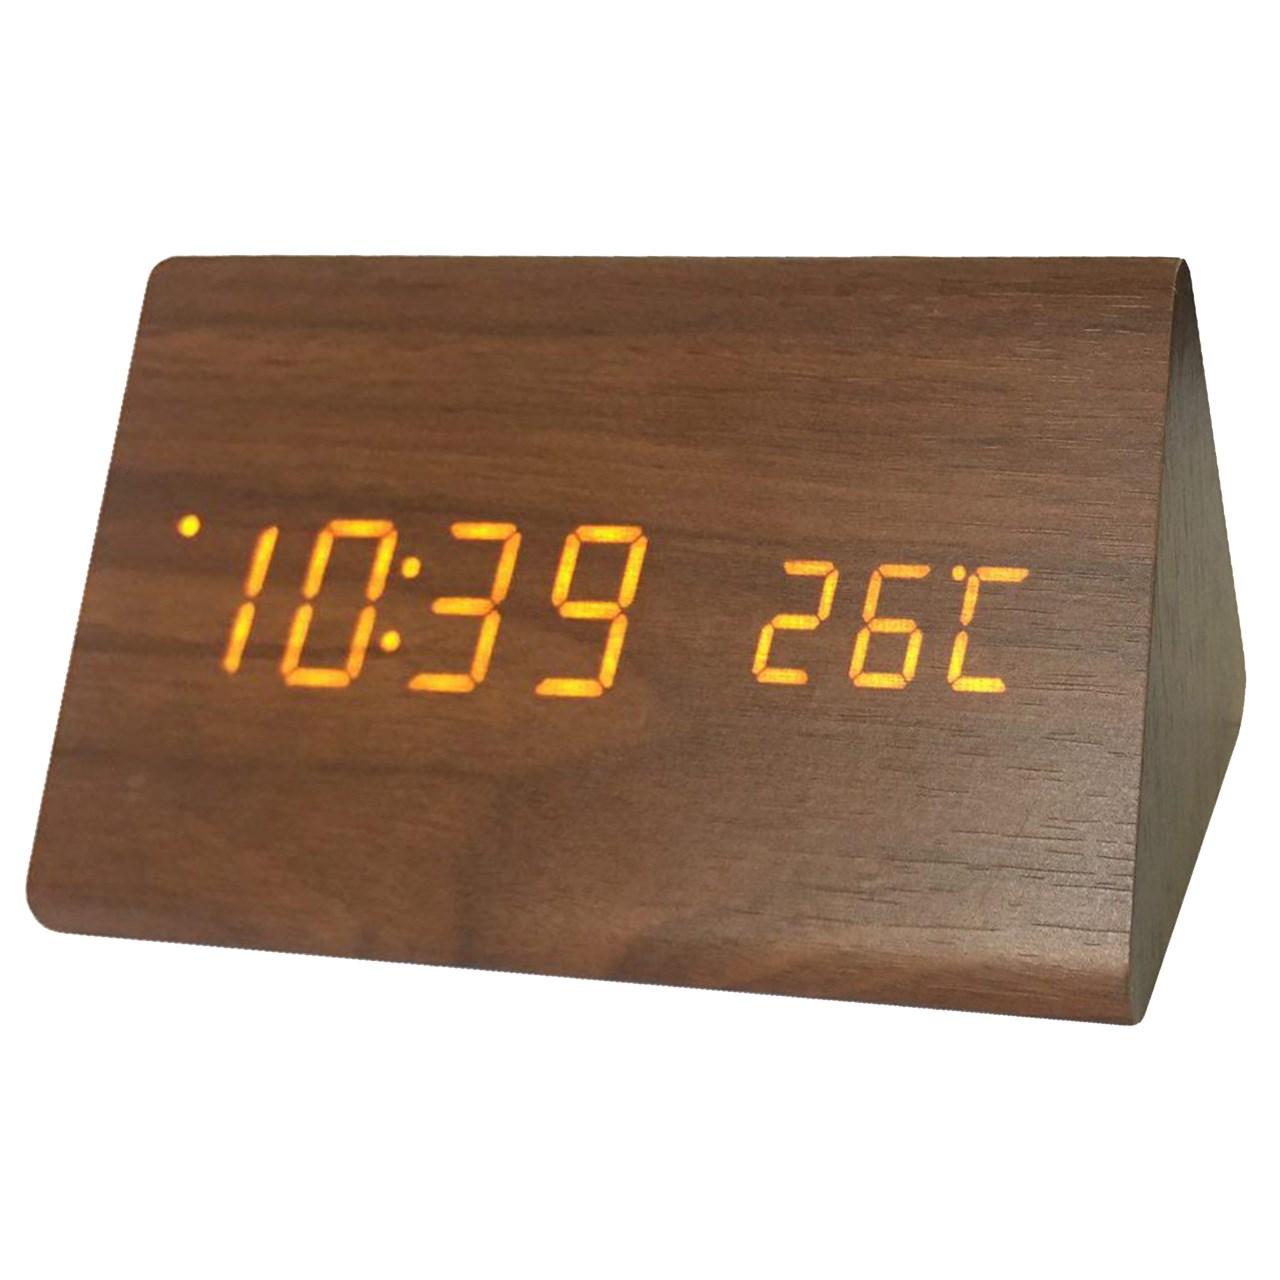 ساعت رومیزی کیمیت مدل Woody 861BOrange